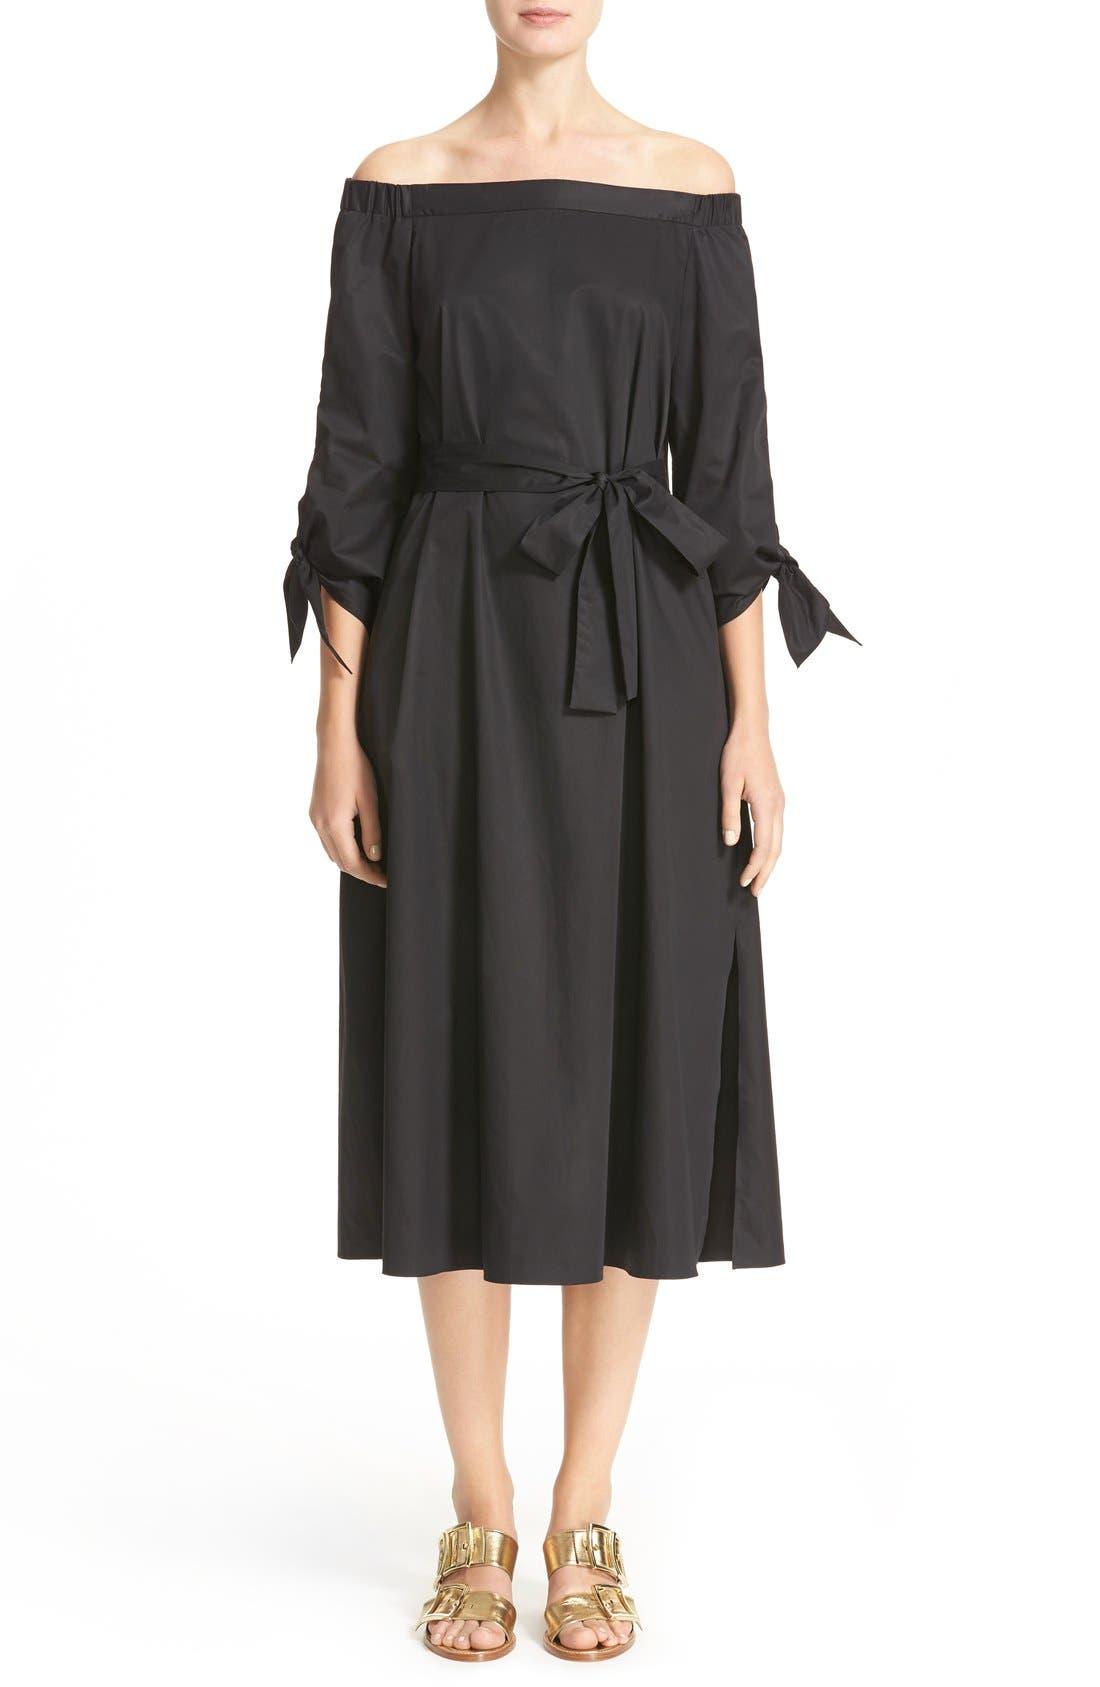 Main Image - Tibi Satin Poplin Belted Off the Shoulder Dress